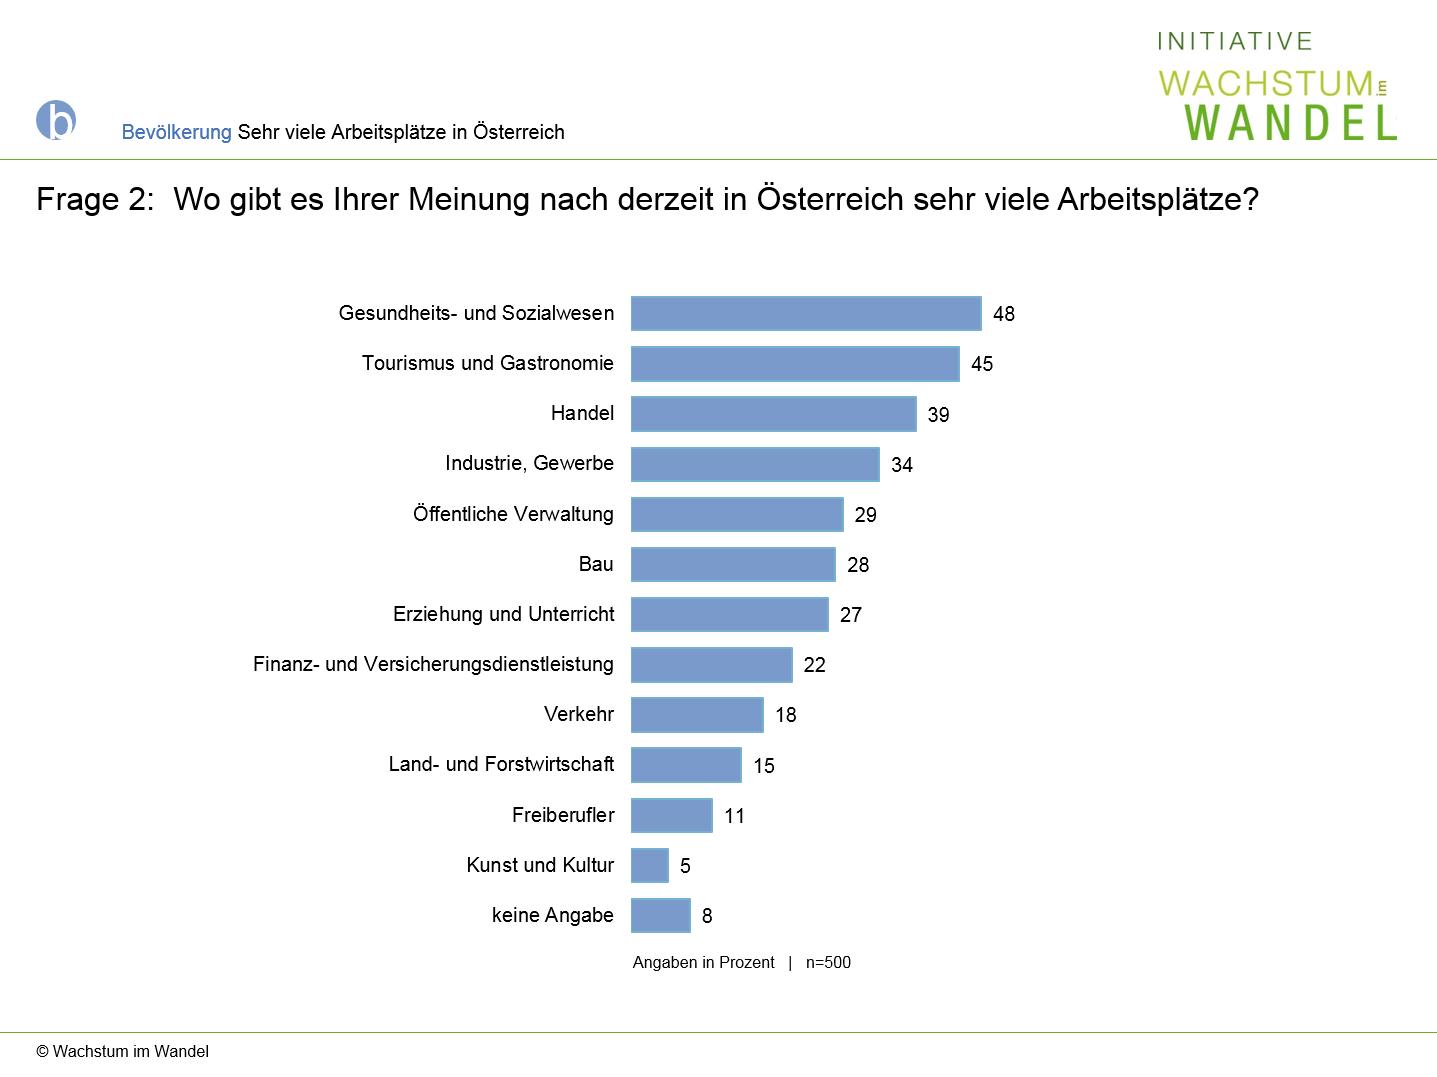 Diagramm: Wo gibt es Ihrer Meinung nach derzeit in Österrecih sehr viele Arbeitsplätze?